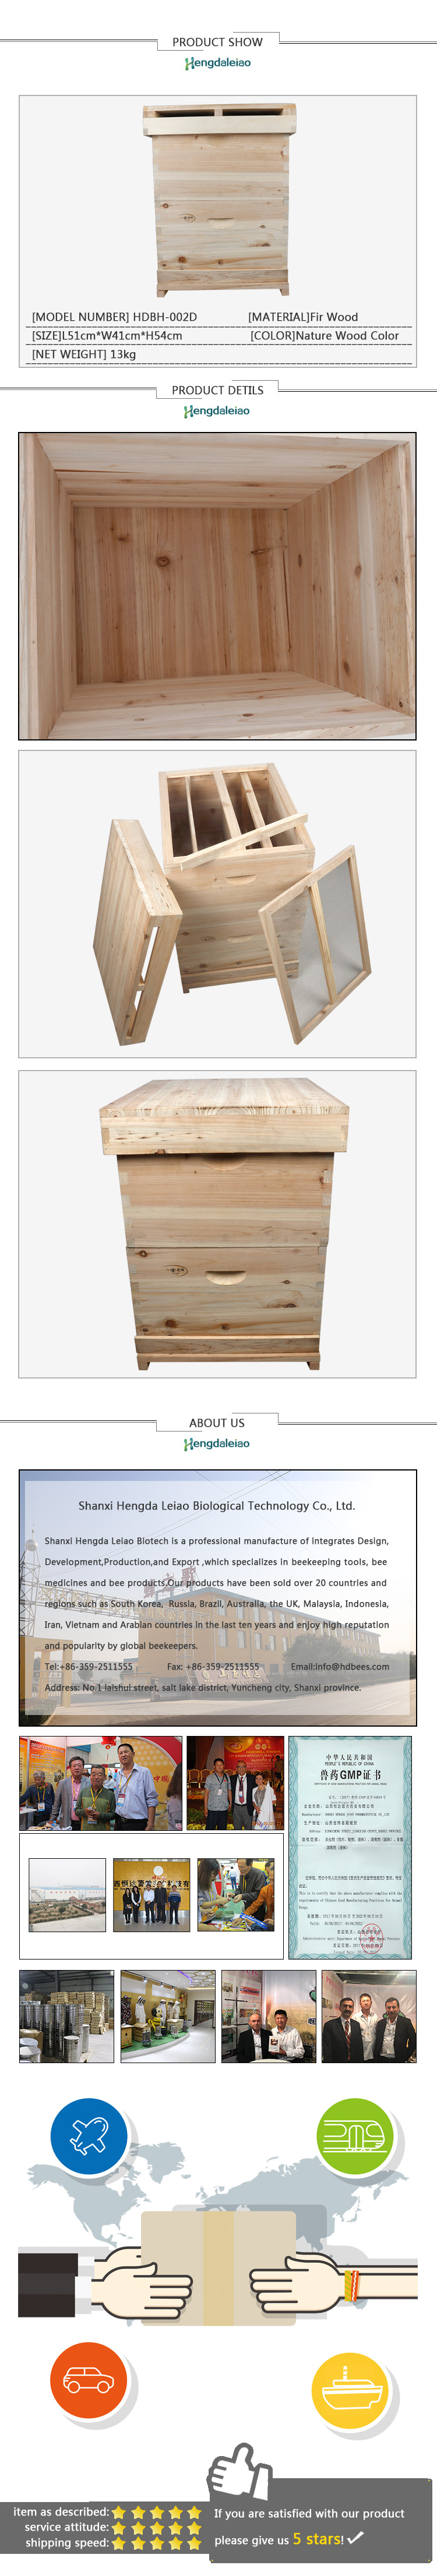 Инструменты для пчеловодства/оборудование лангстрот ель деревянный улей с 10 рамами для пчеловода